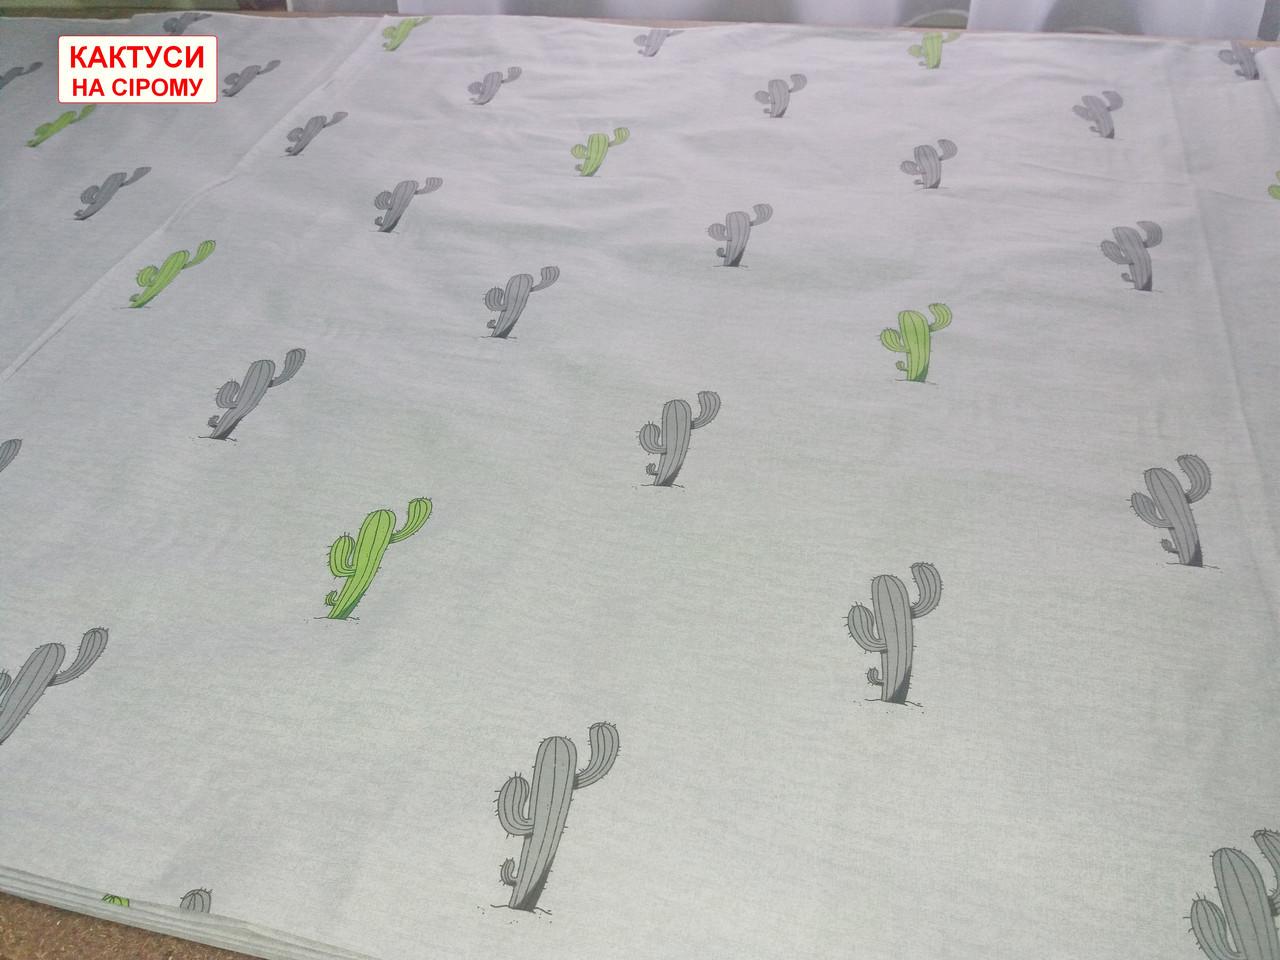 Європростирадлона резинці - Кактуси на сірому